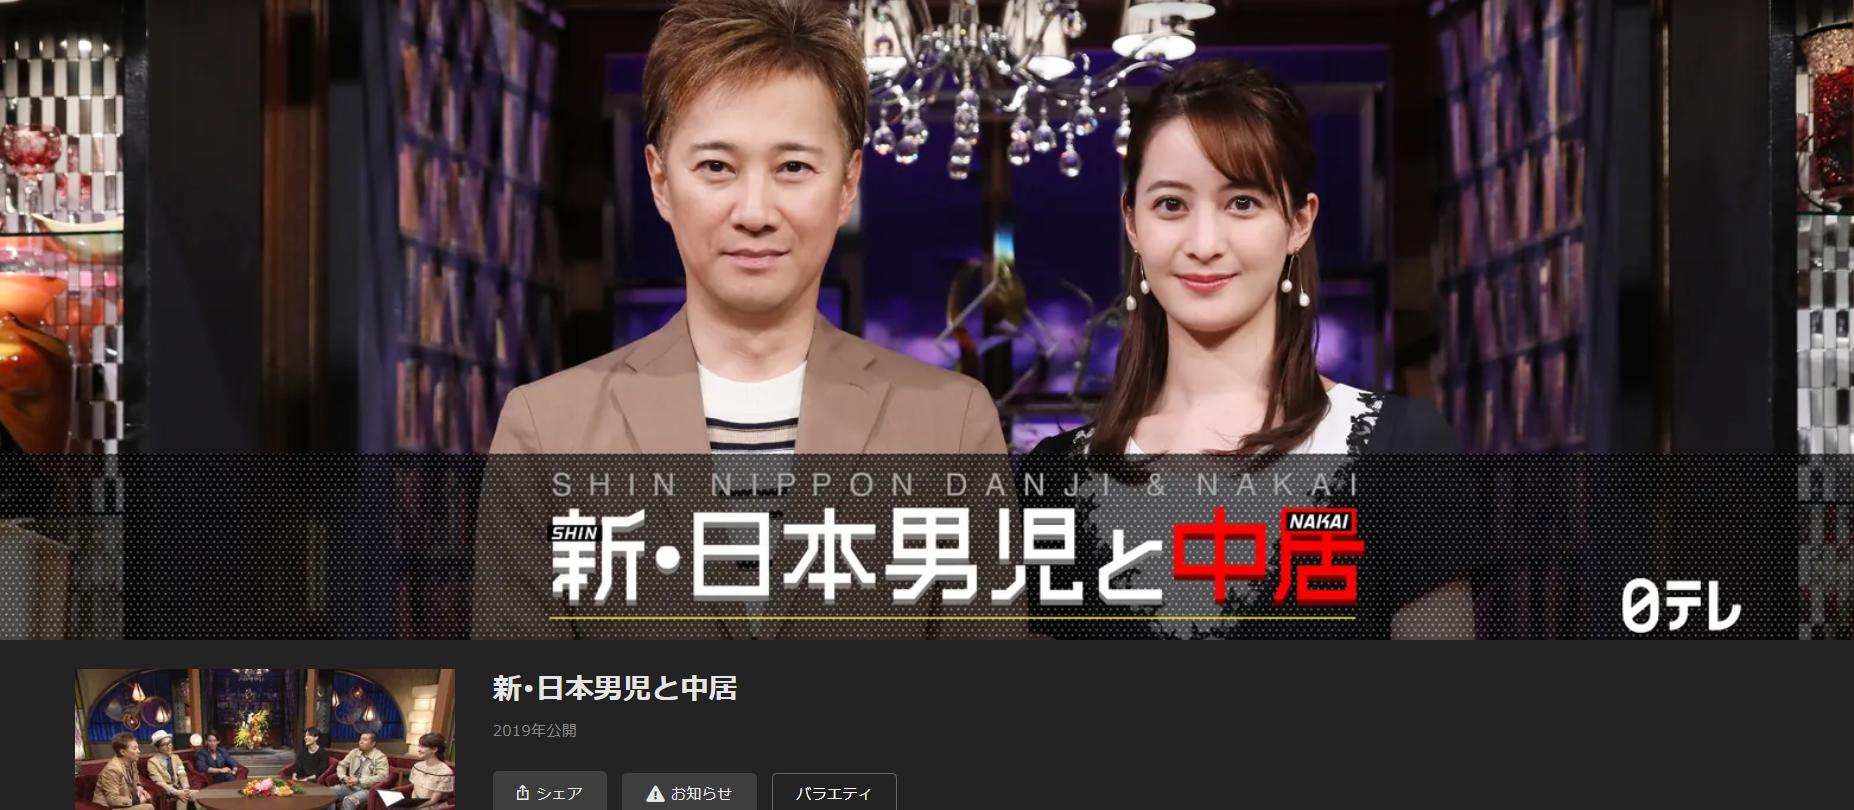 新・日本男児(7月5日)の見逃し配信や無料動画をフル視聴する方法!